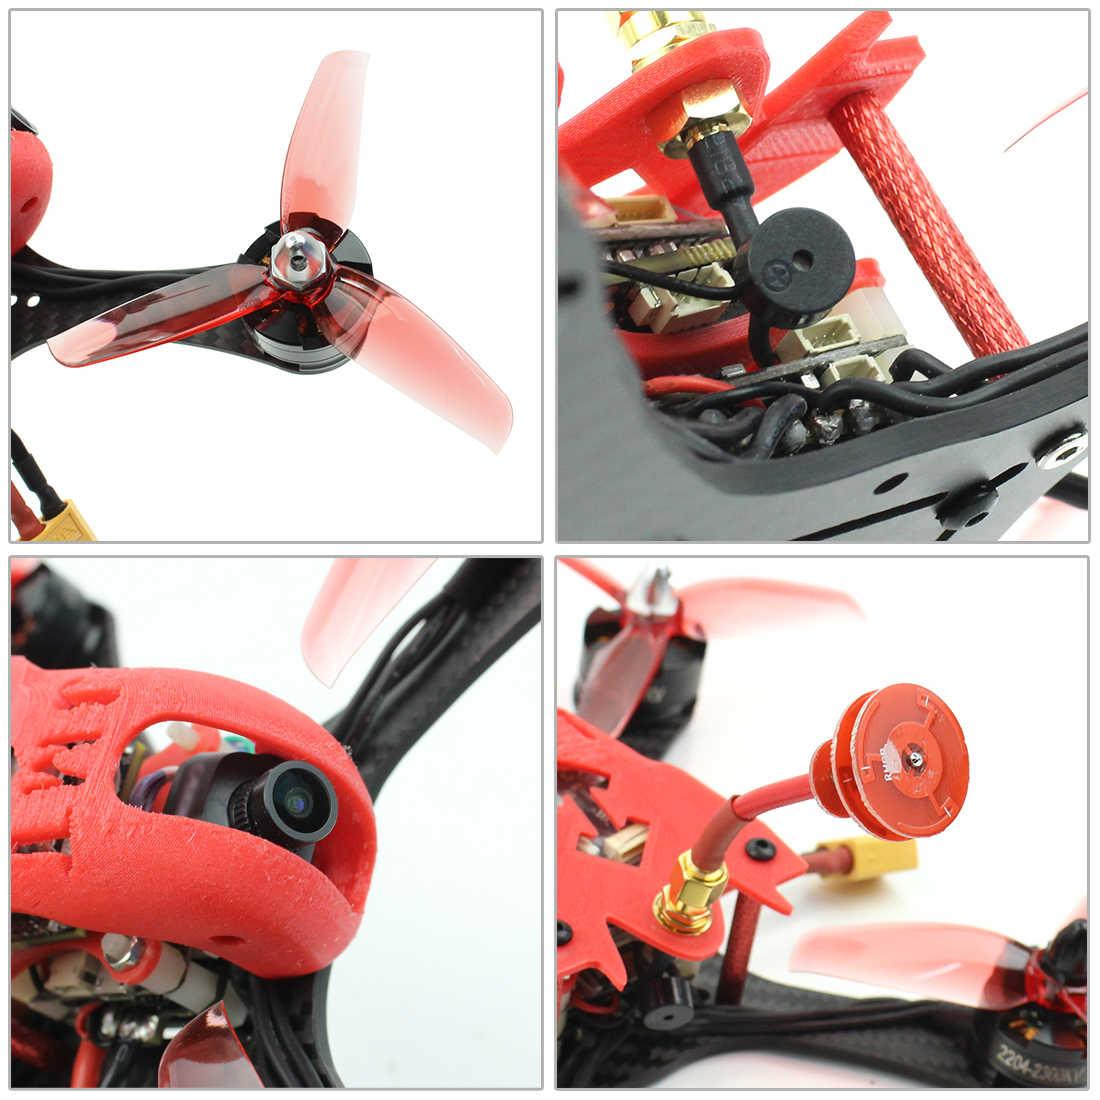 T180 4 pouces 3S FPV course Drone HD caméra bébé tortue 800TVL BNF Betaflight F4 Pro V2 OSD sans brosse RC quadrirotor pour FRSKY D8